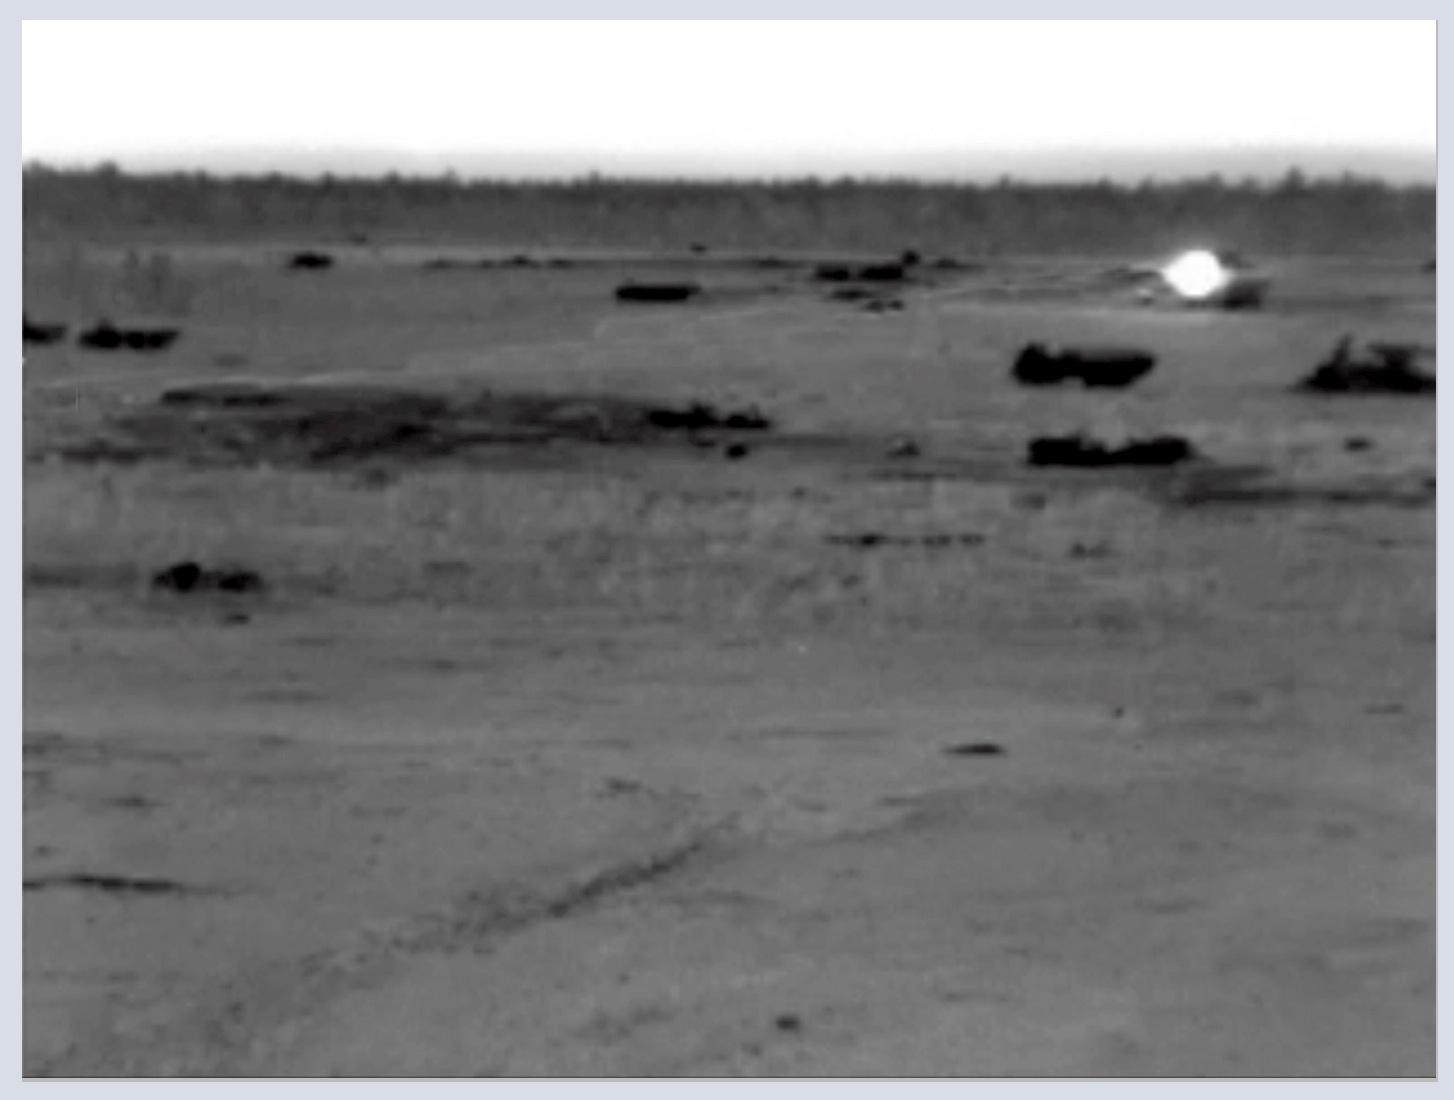 Figura 4. Un láser observado mediante una cámara de visión nocturna    Fig. 4. A laser seen using a night vision camera